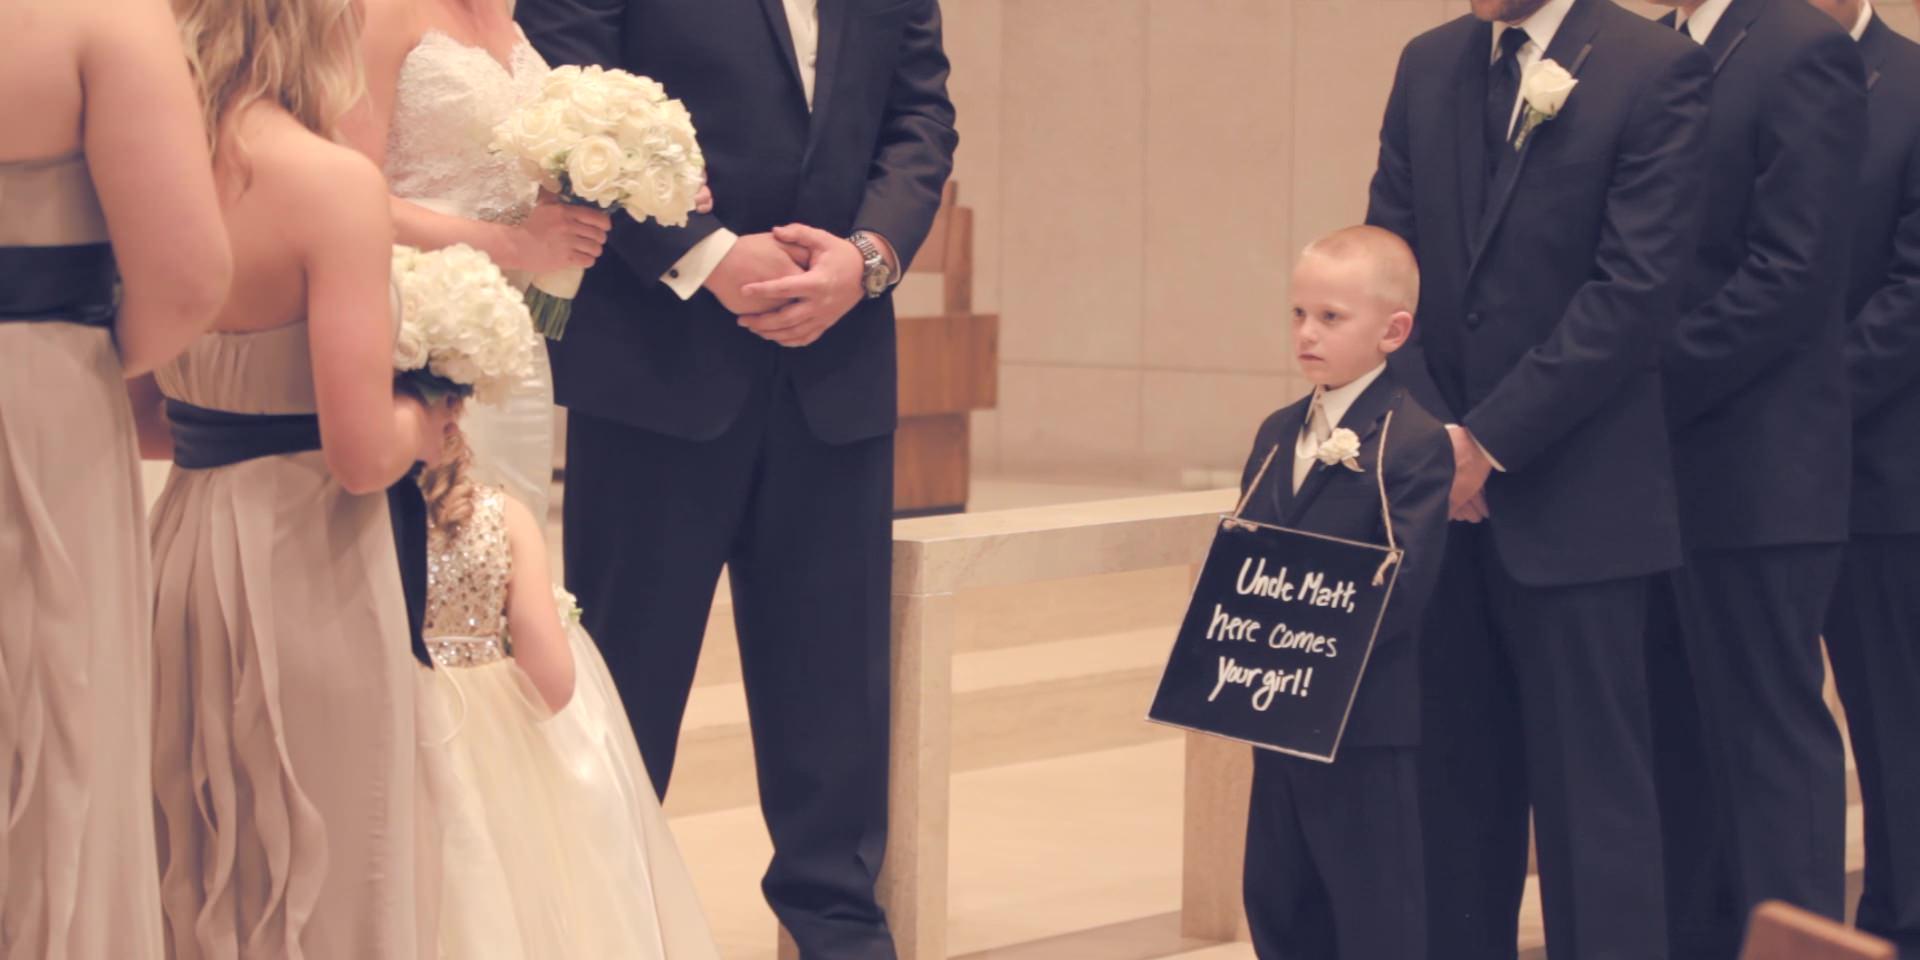 matt&anna wedding story.mp4-still00016.jpg